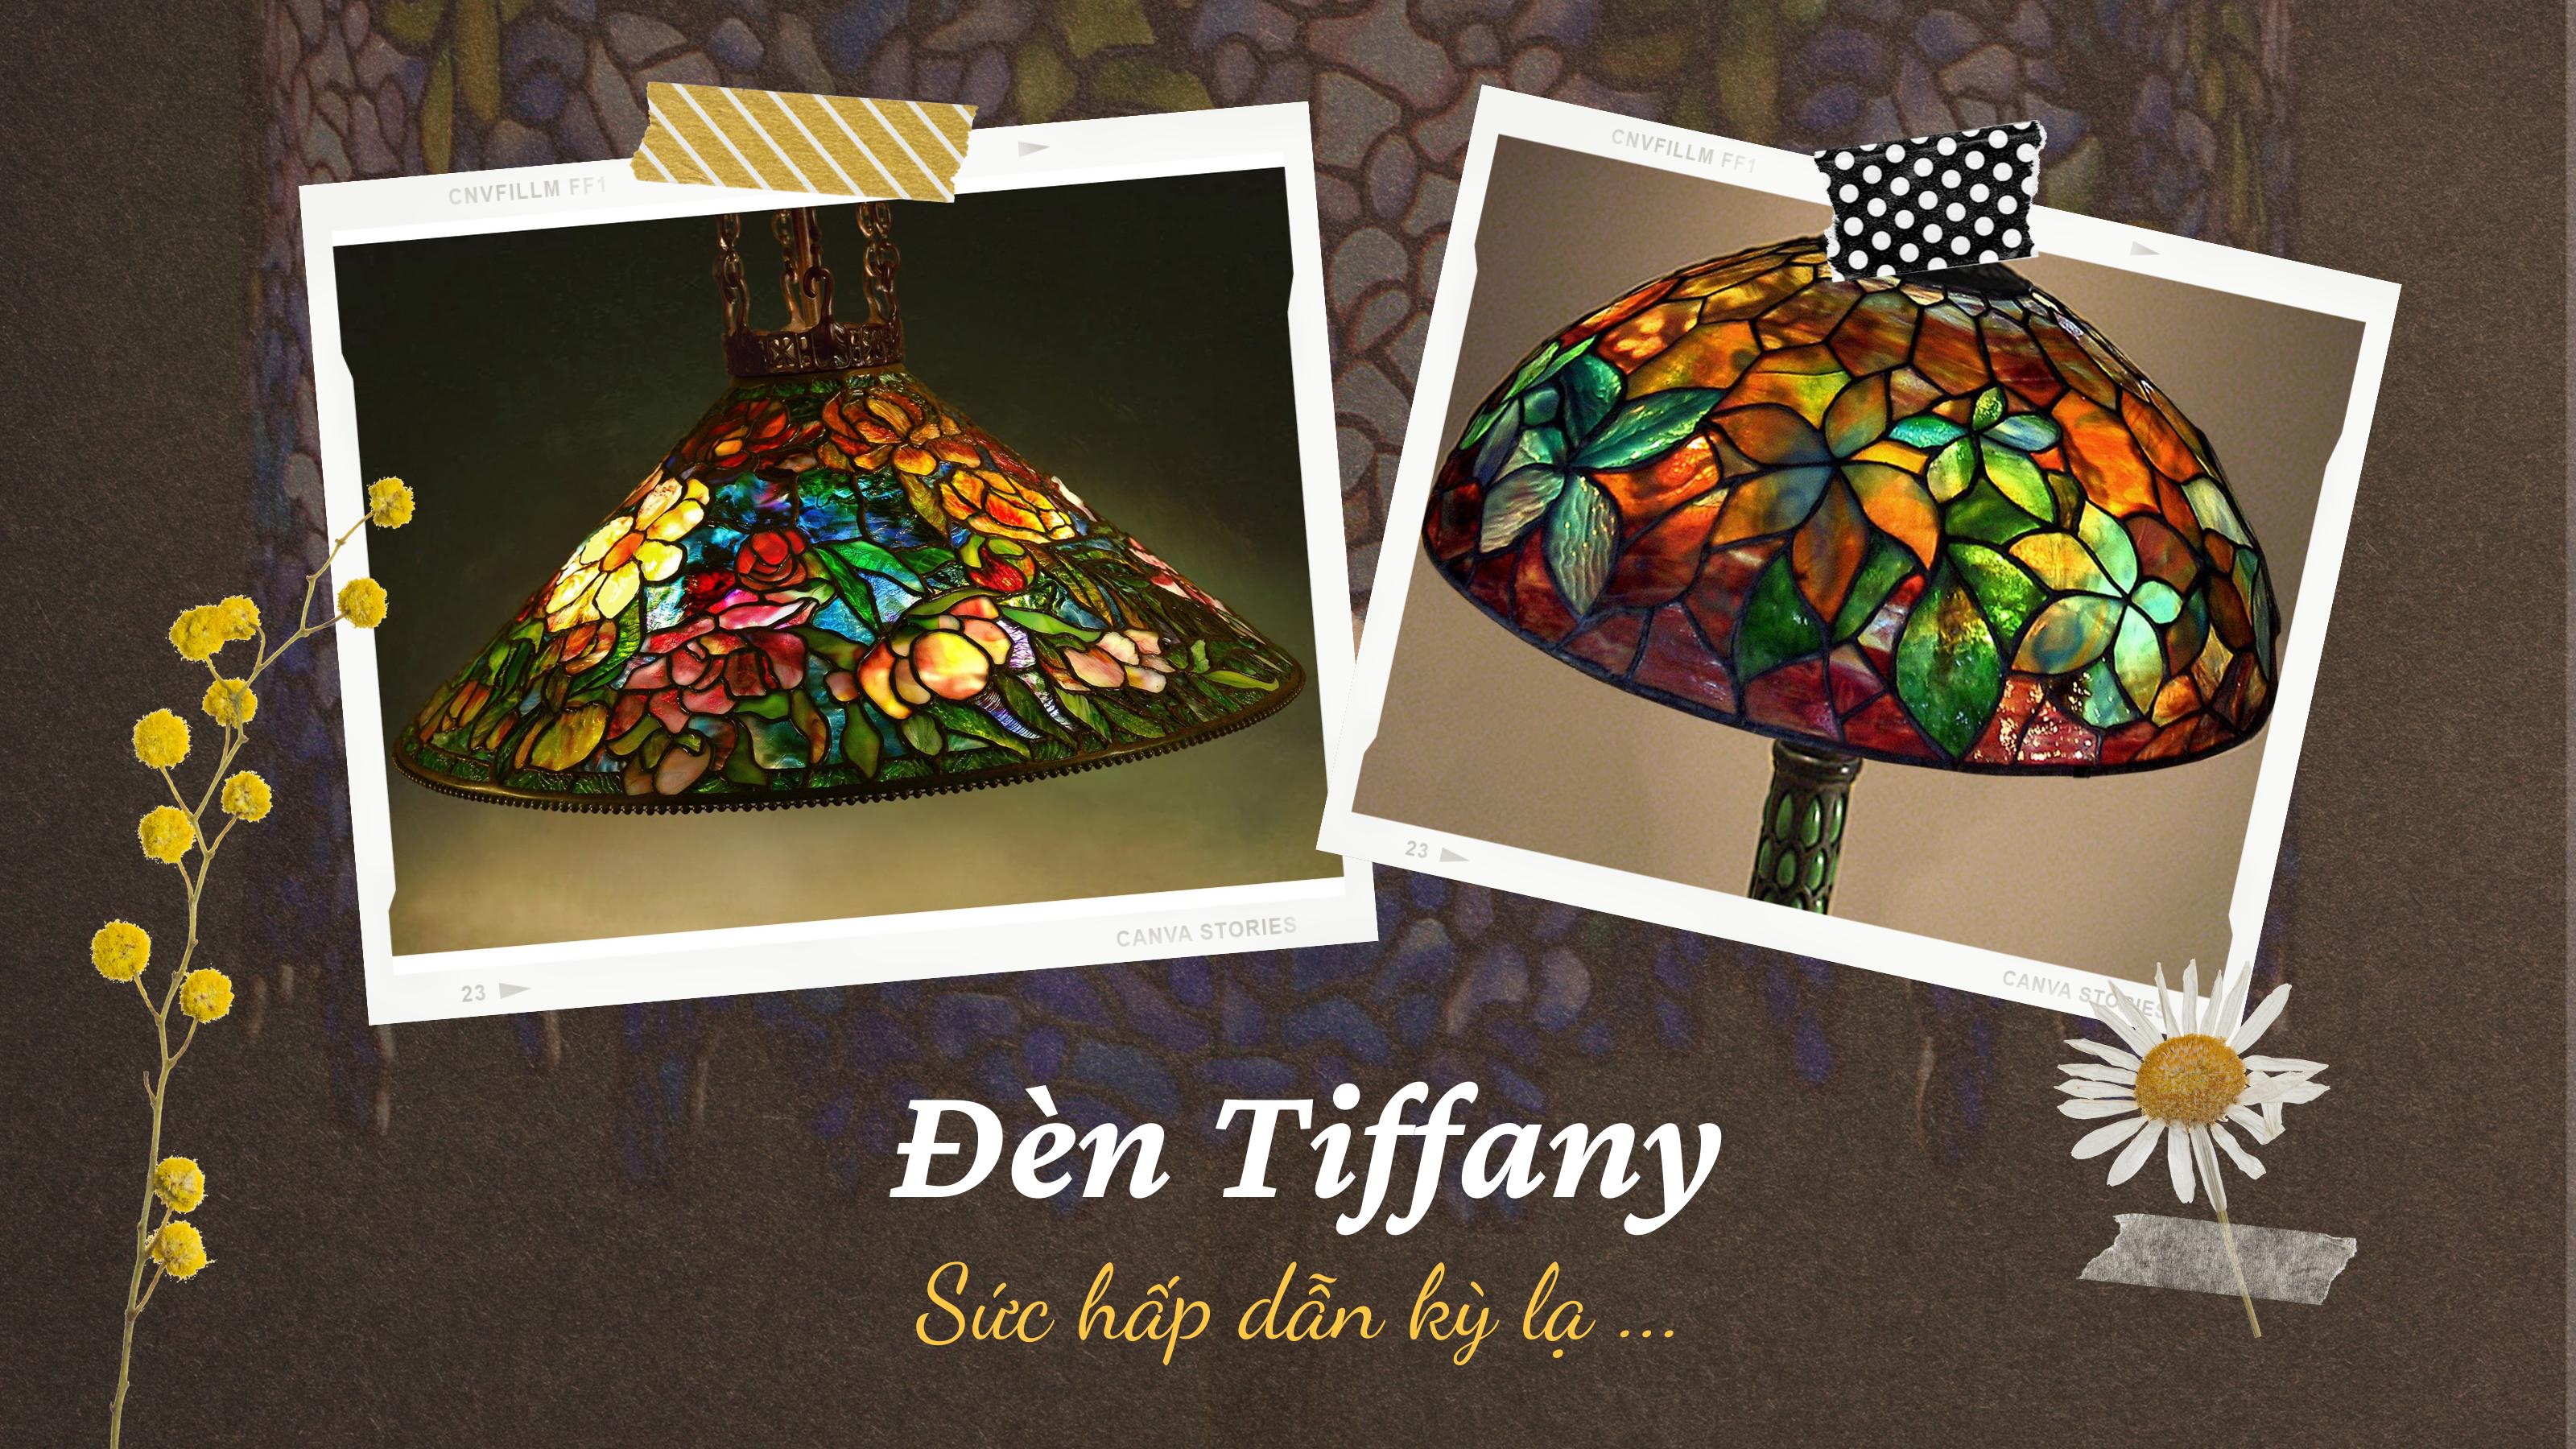 Sức hấp dẫn kỳ lạ của đèn Tiffany